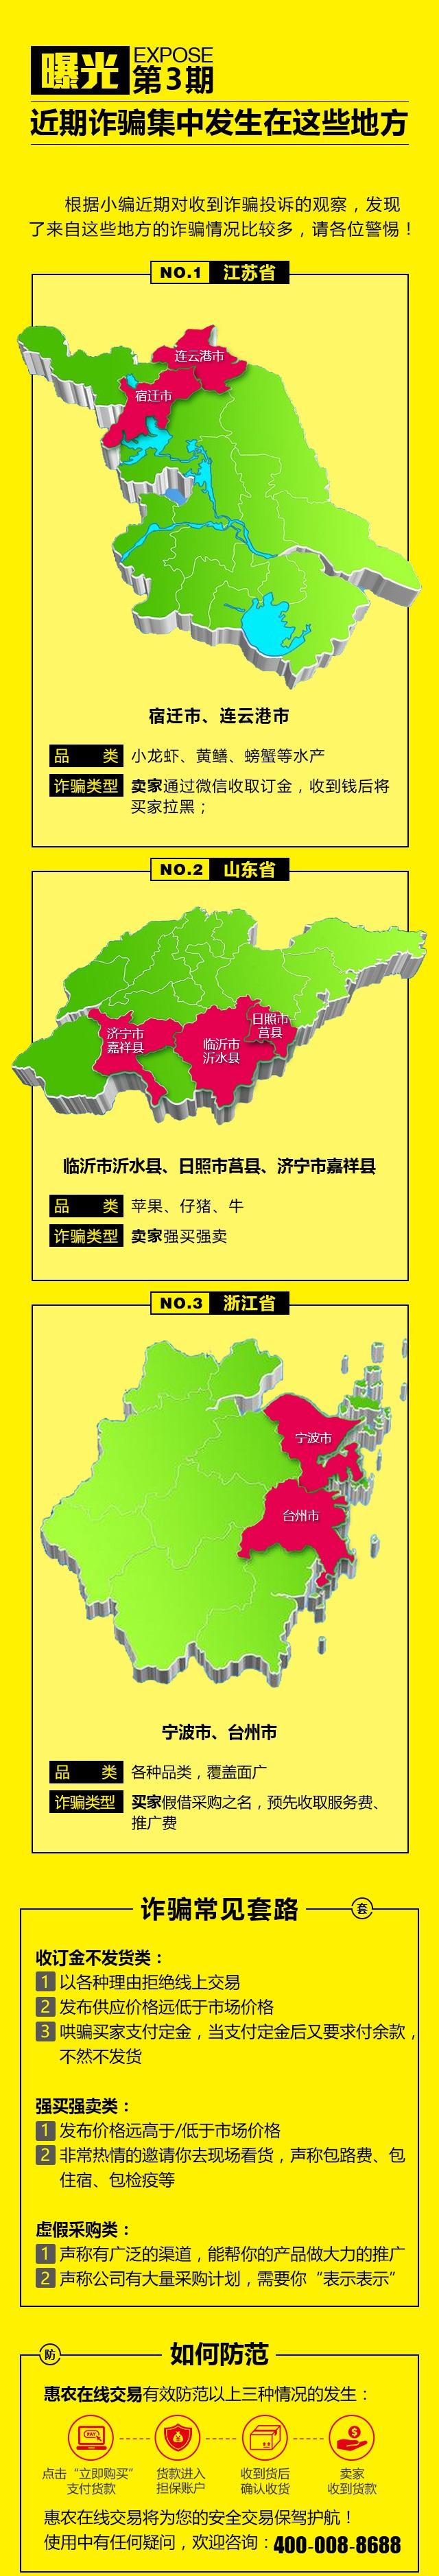 曝光第三期:诈骗高发区